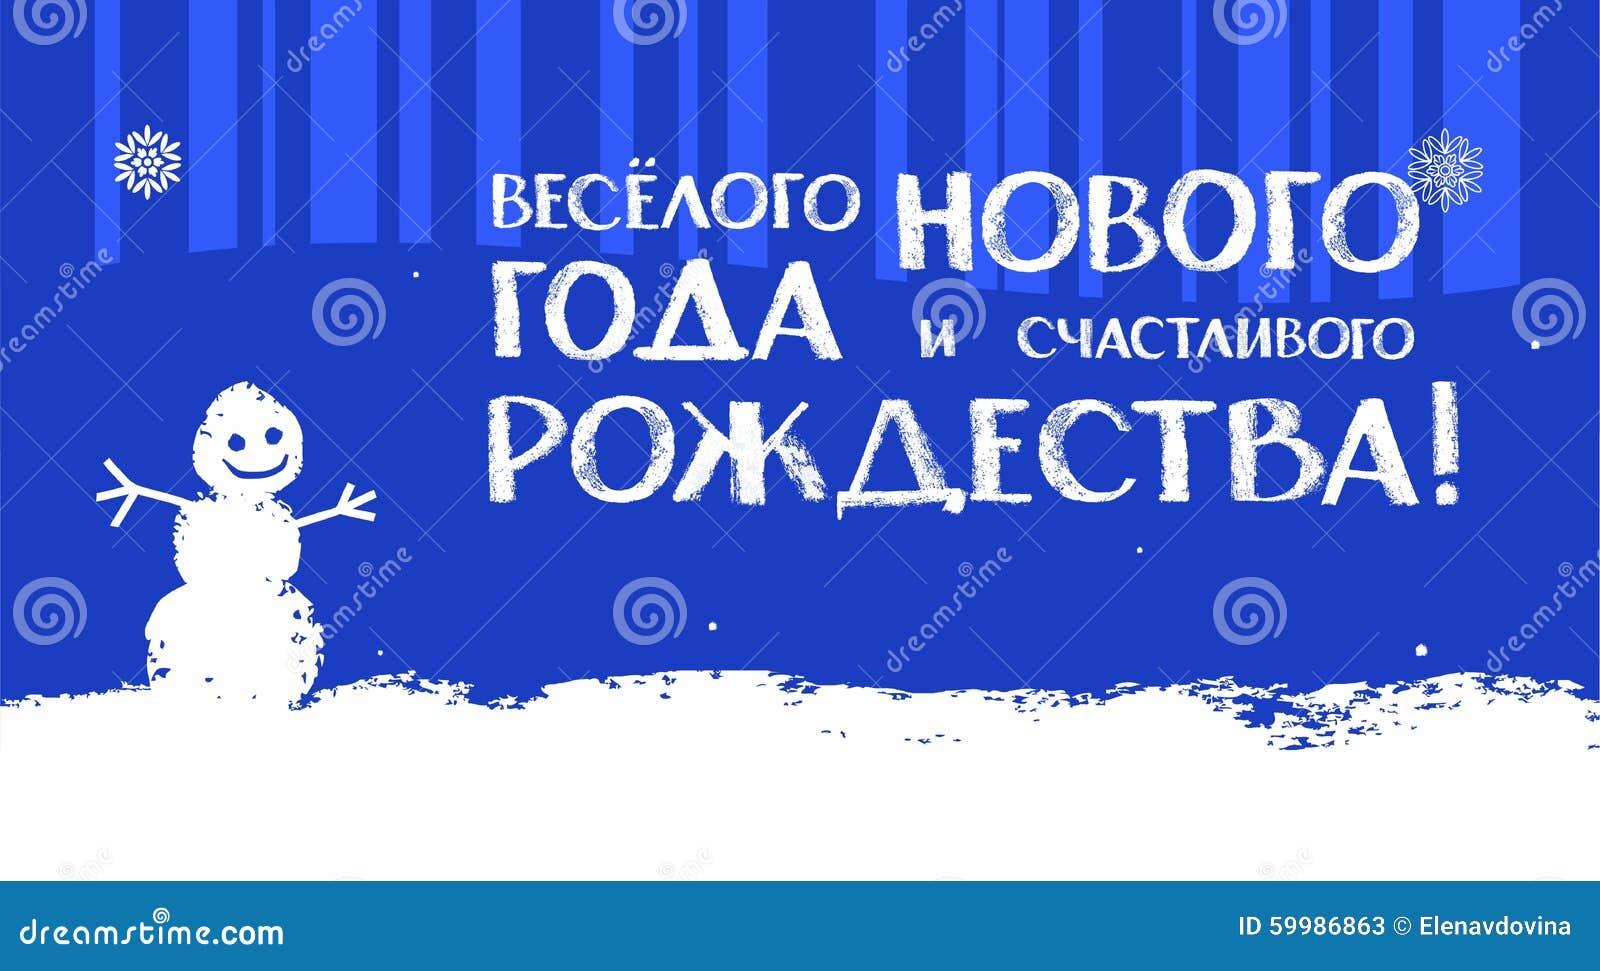 postkarte neues jahr weihnachten schneemann russische. Black Bedroom Furniture Sets. Home Design Ideas